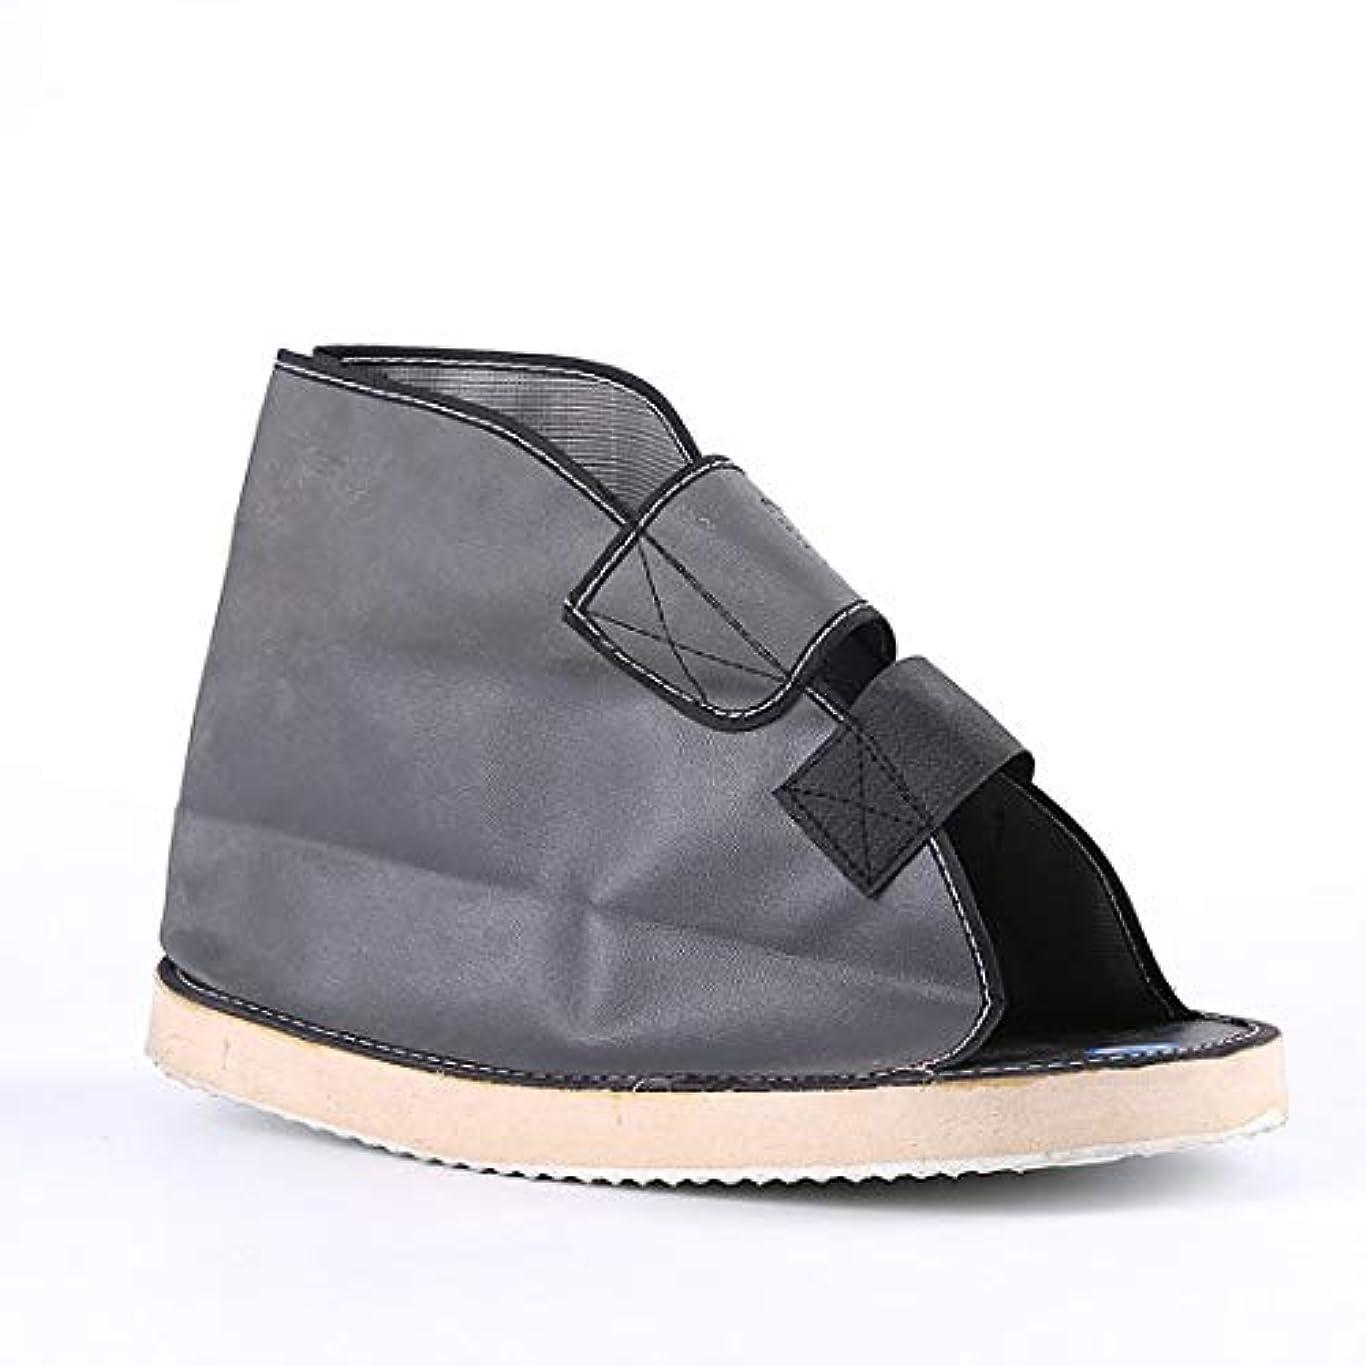 重荷リレー医療足骨折石膏の回復靴の手術後のつま先の靴を安定化骨折の靴を調整可能なファスナーで完全なカバー,L28.5*13cm